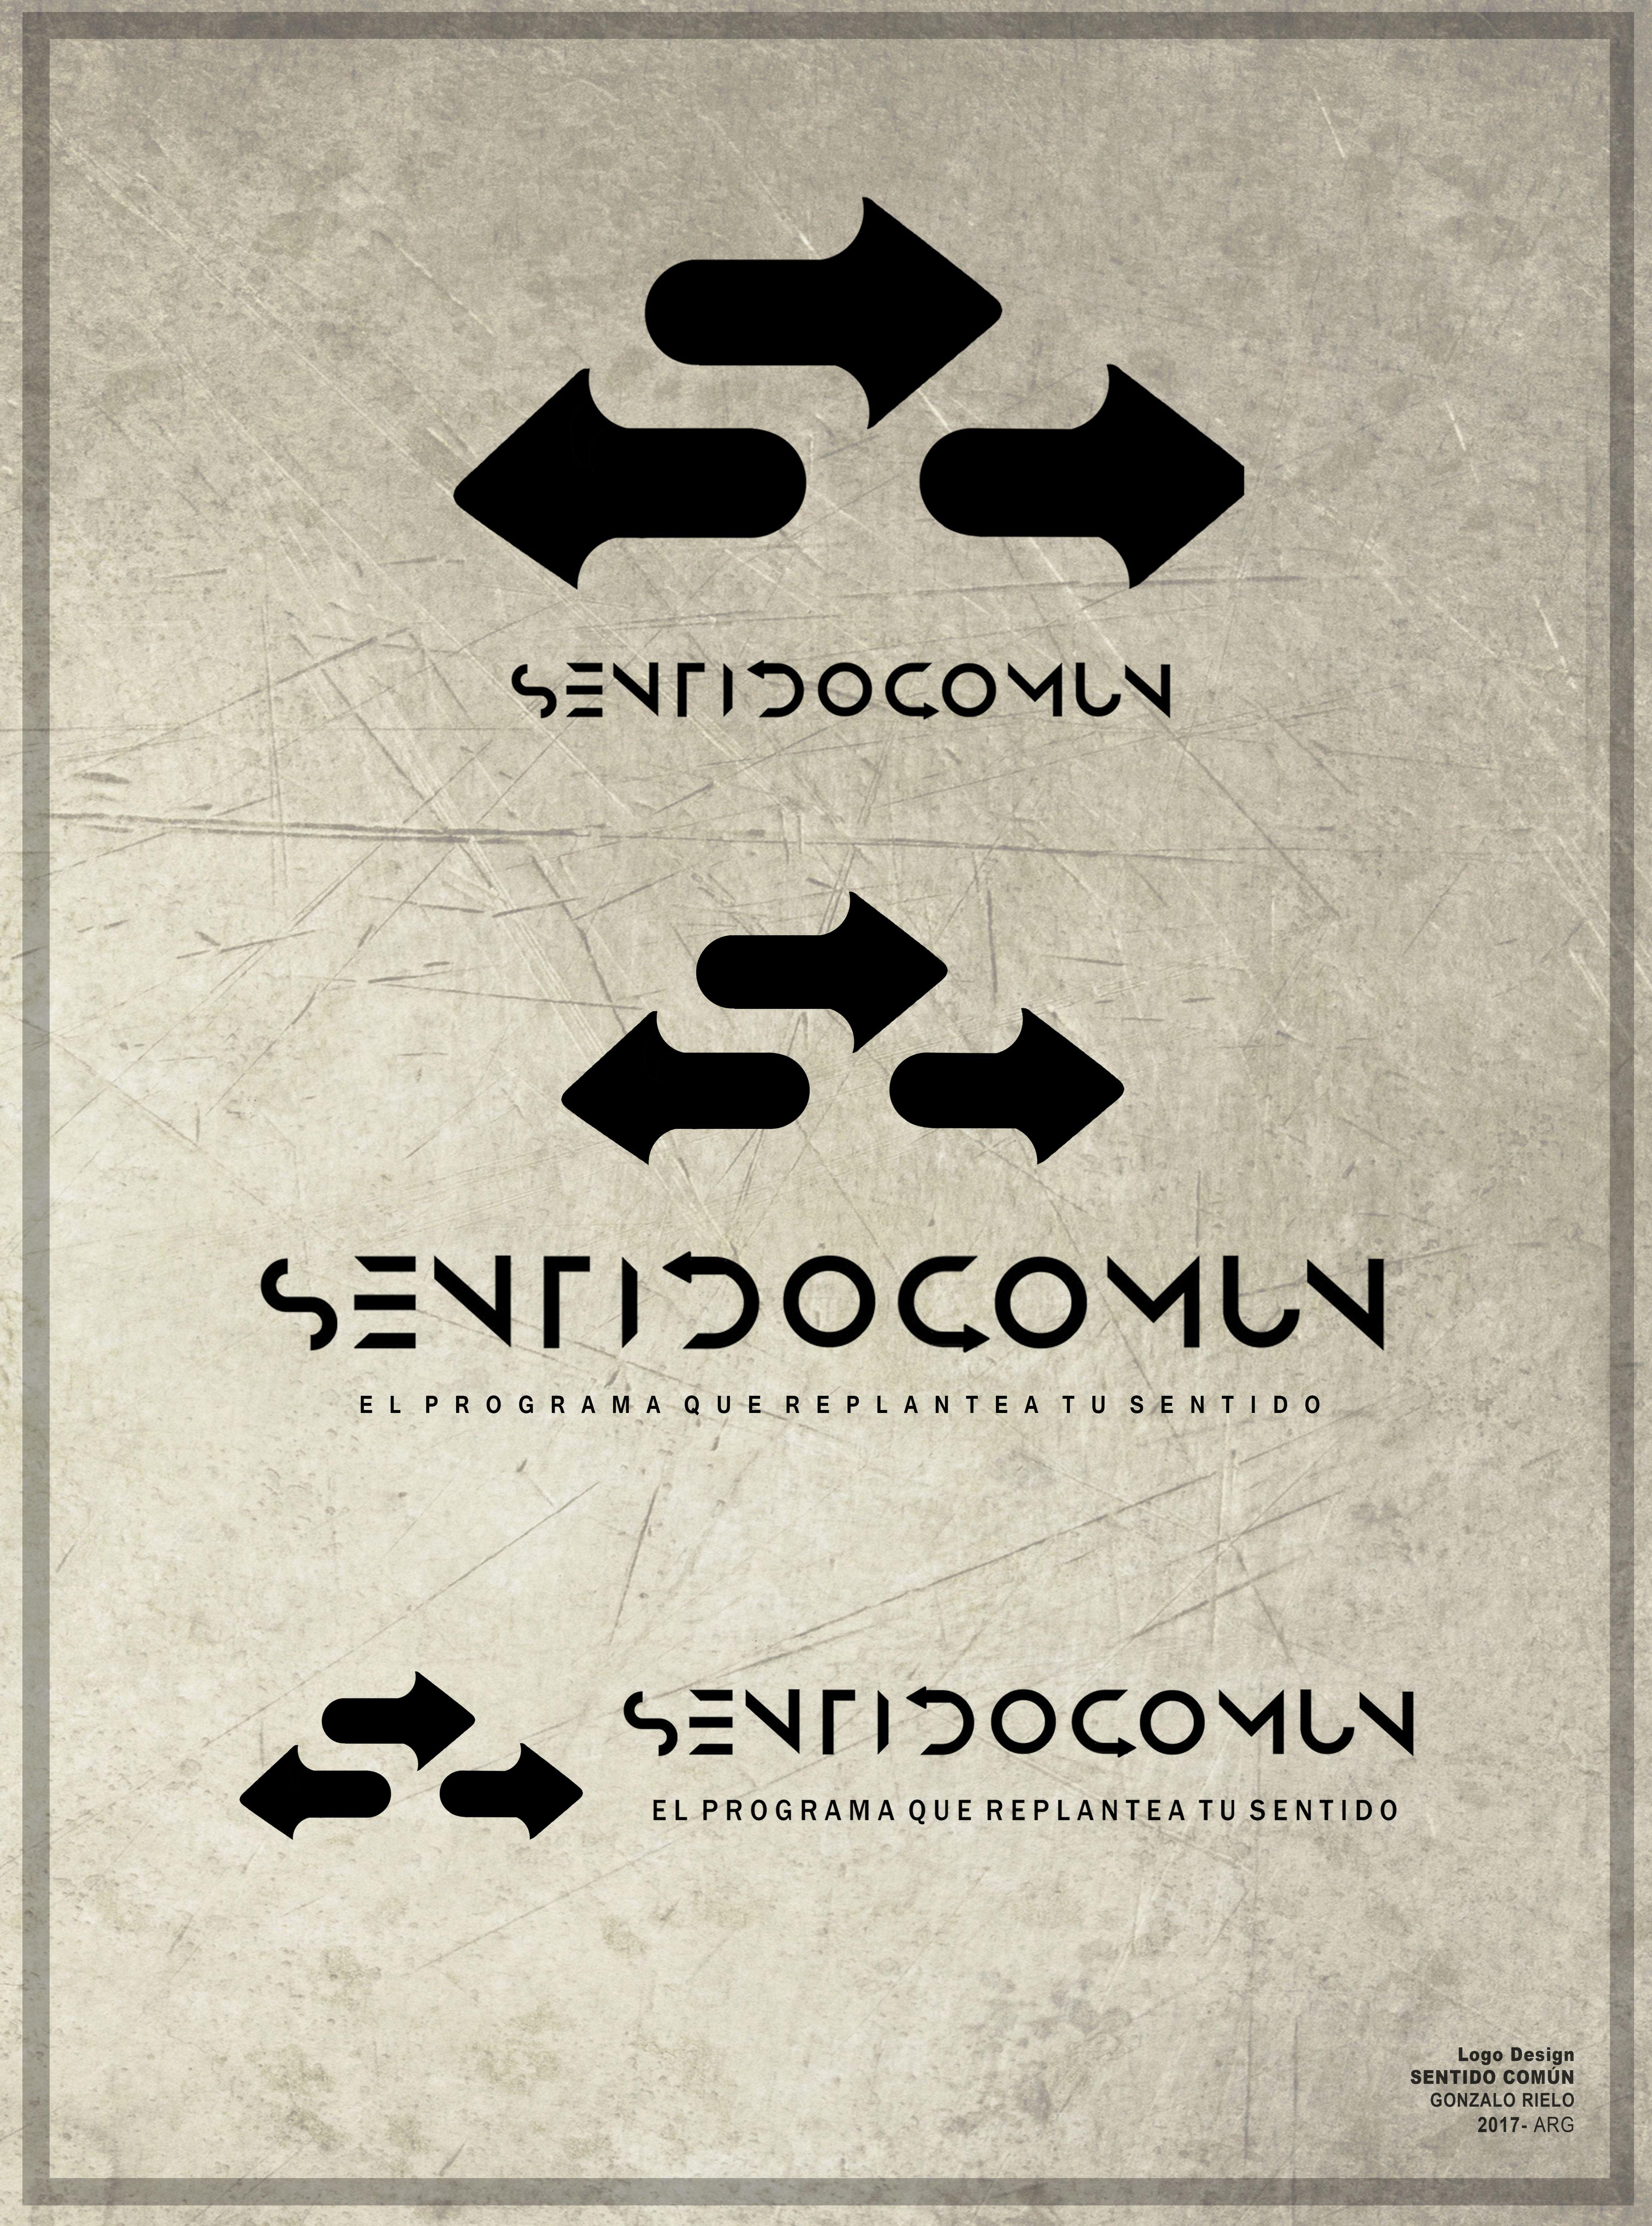 Pin en My Designs / Diseños Logotipos Imagotipo Isologo